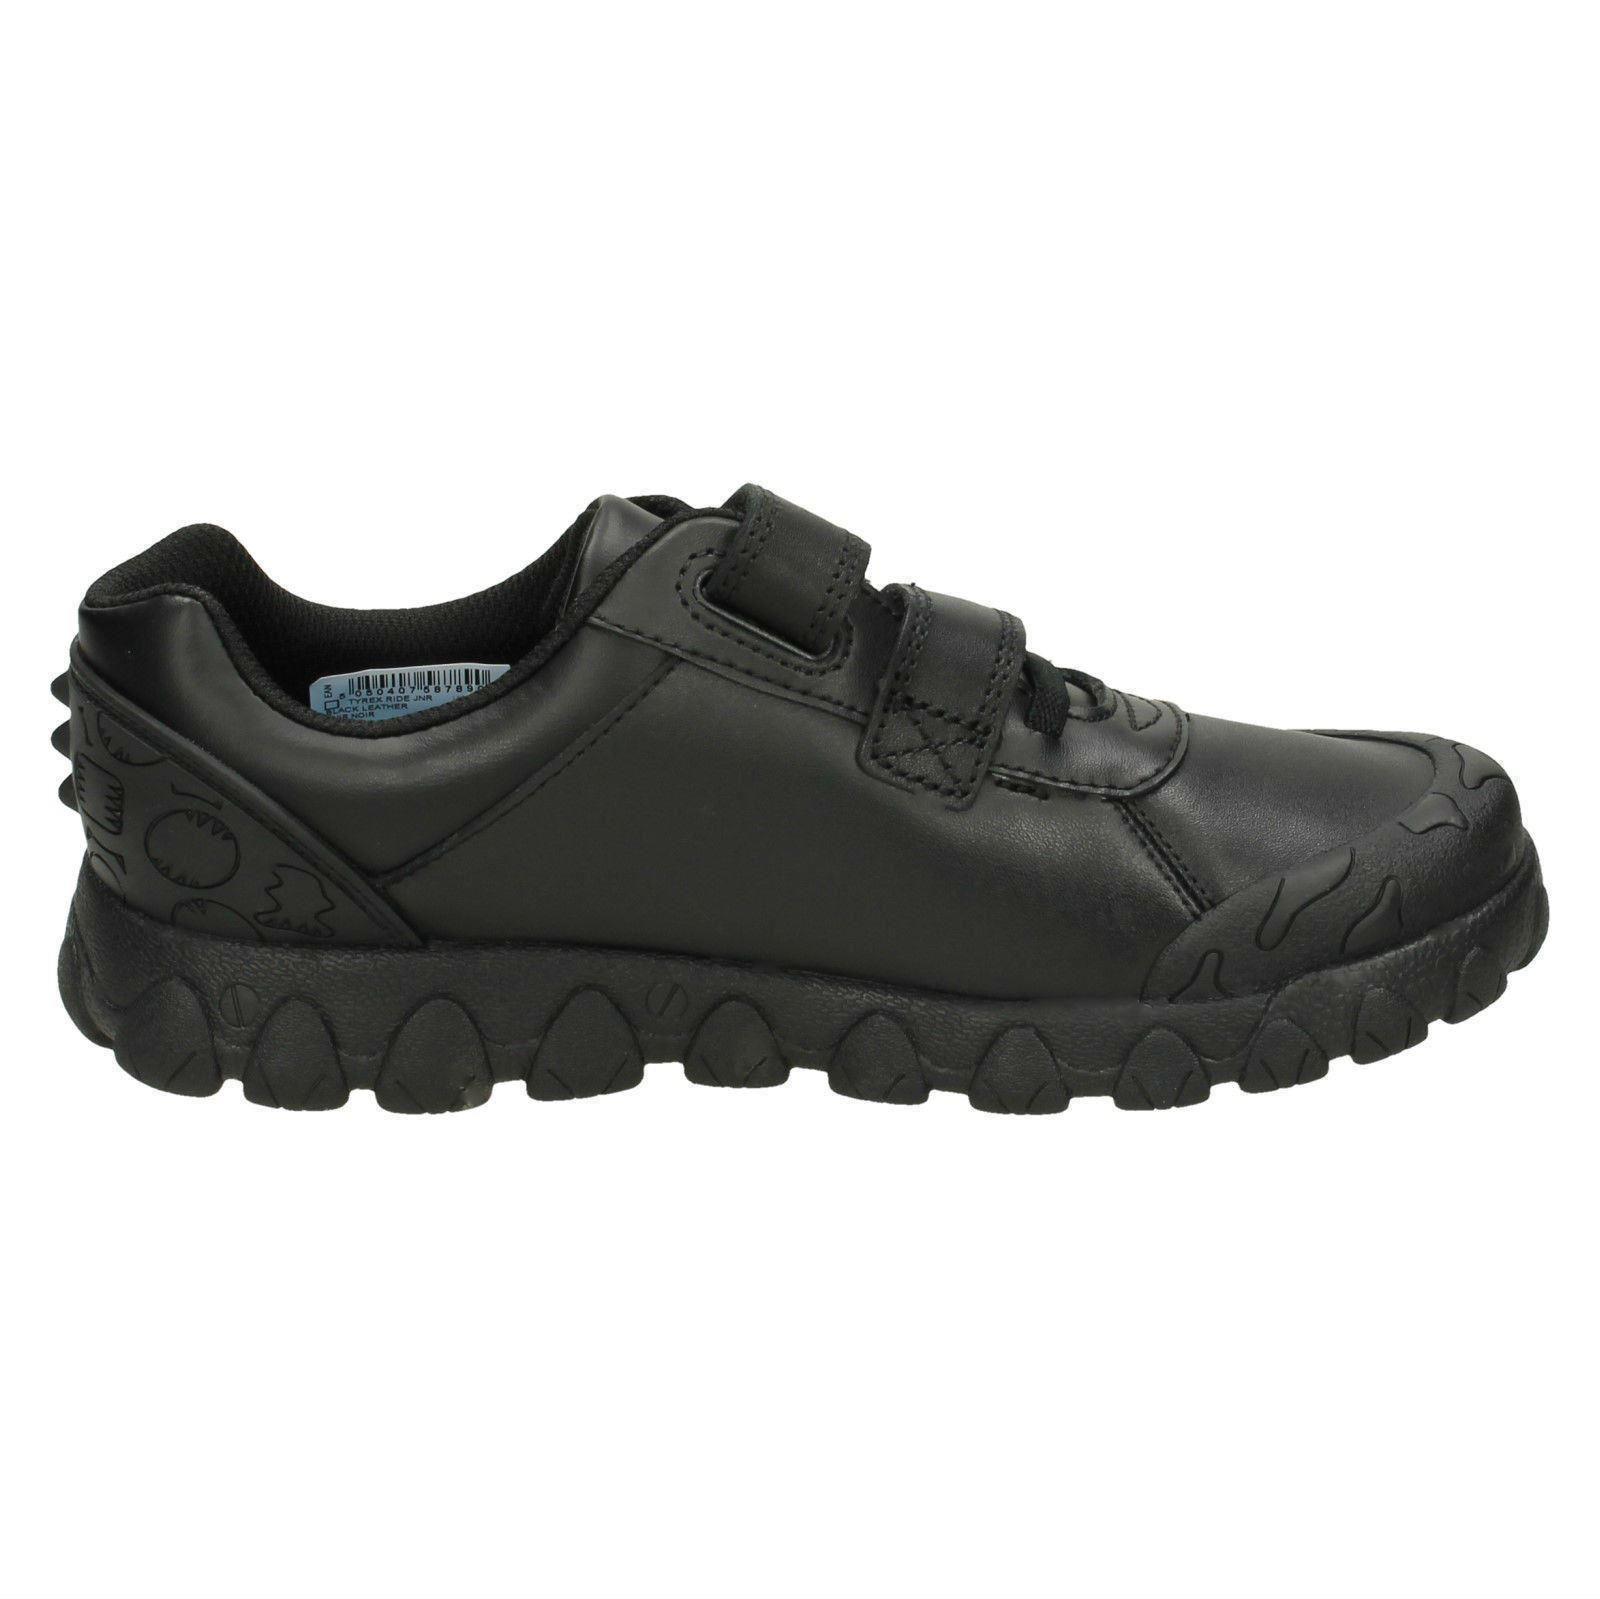 Mujer  ARROW BOL  Zapatos  Mujer pro-strike 9s243 W df4bfa